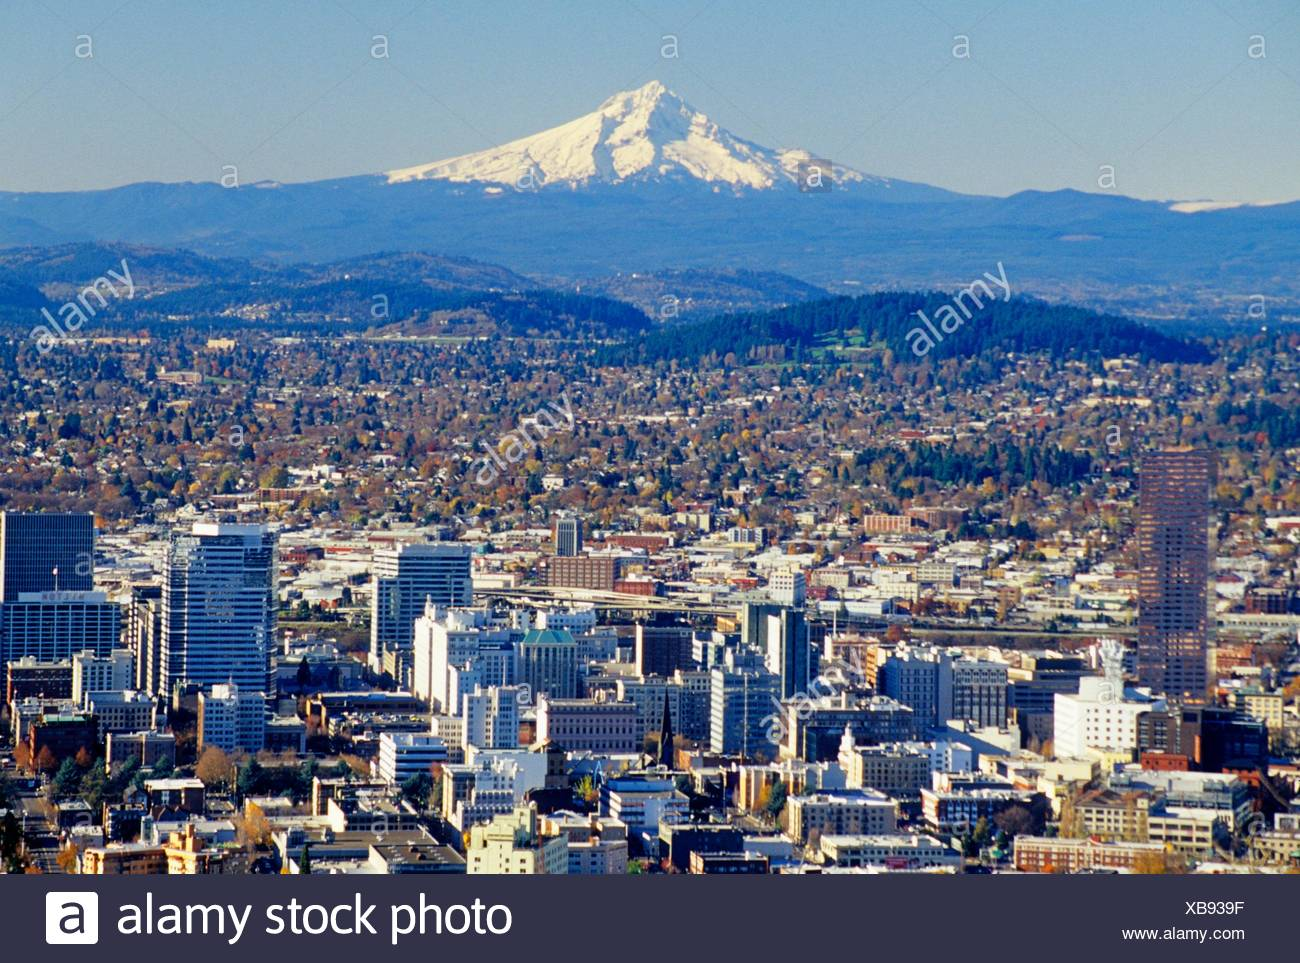 Centro de vista con Mt Hood de mansión Pittock, Portland, Oregon. Imagen De Stock